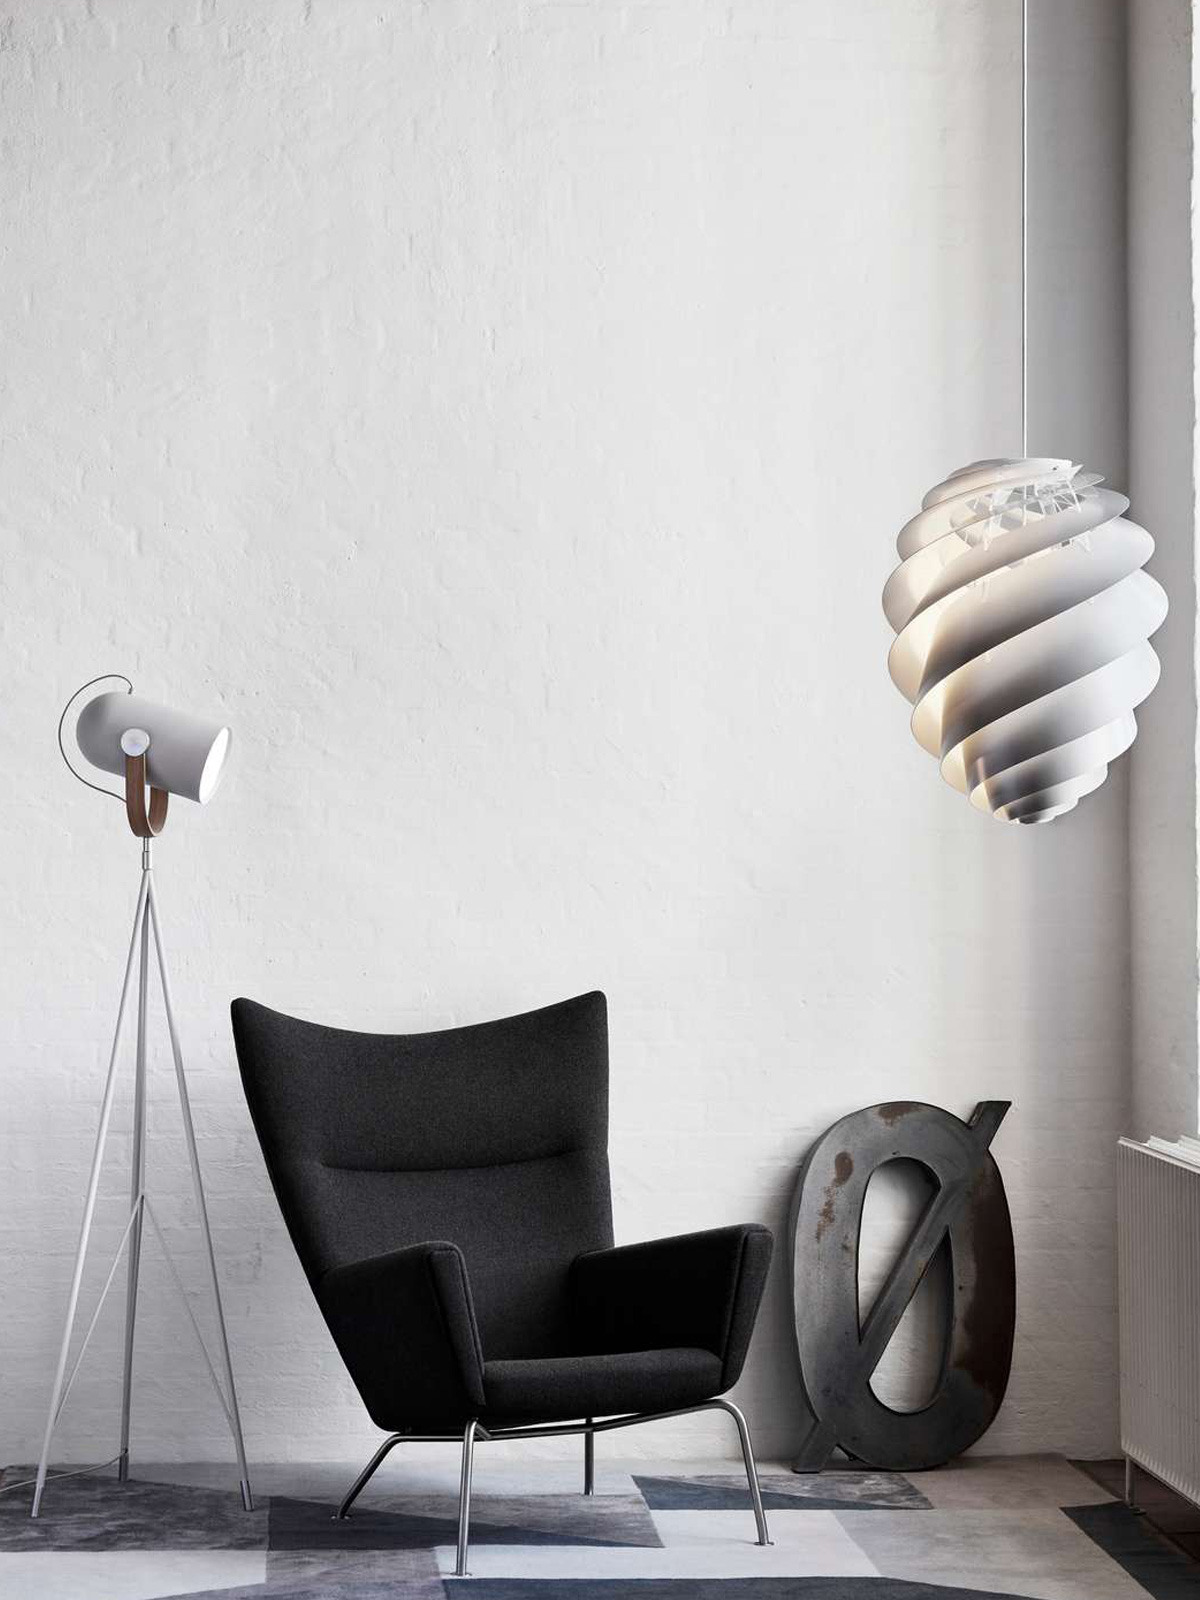 DesignOrt Blog: Trend: Silberne Designerleuchten Carronade und Swirl Le Klint